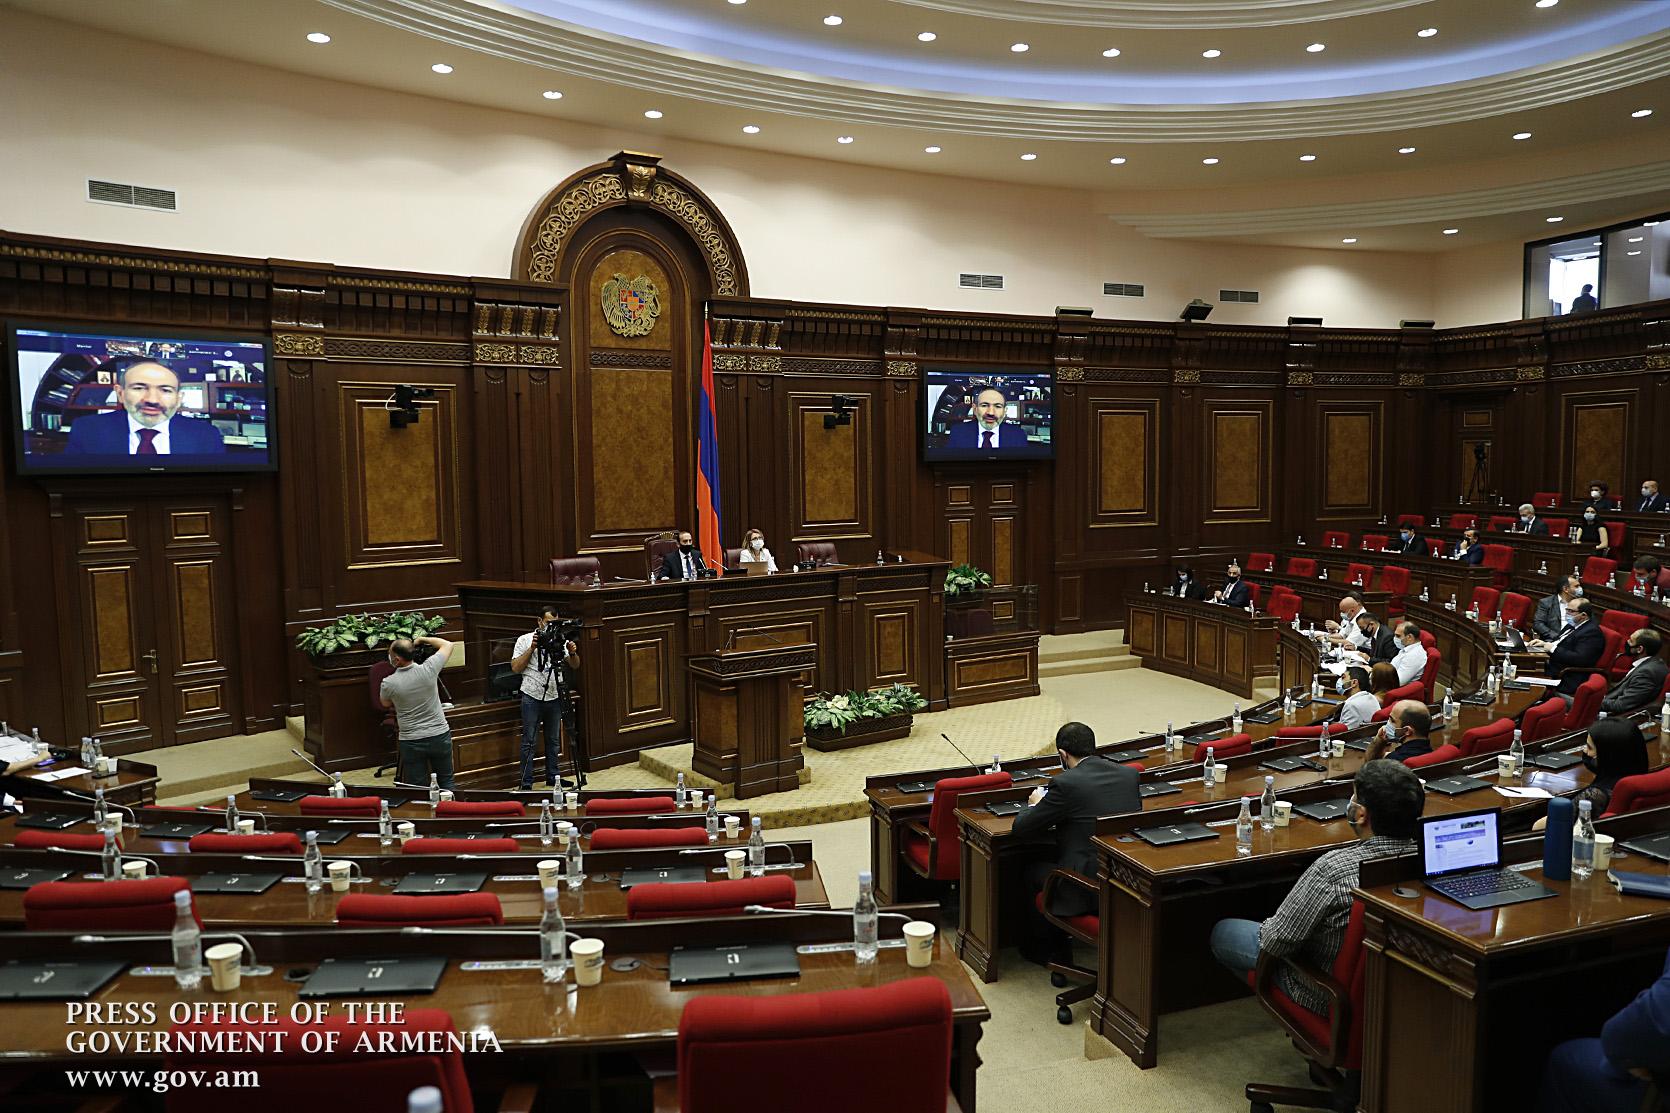 Photo of «Բյուջետային կարգապահությունը պետք է լինի քաղաքացու՝ պետություն ունենալու կամքի արտահայտություն». վարչապետի ելույթը ԱԺ մշտական հանձնաժողովների համատեղ նիստում